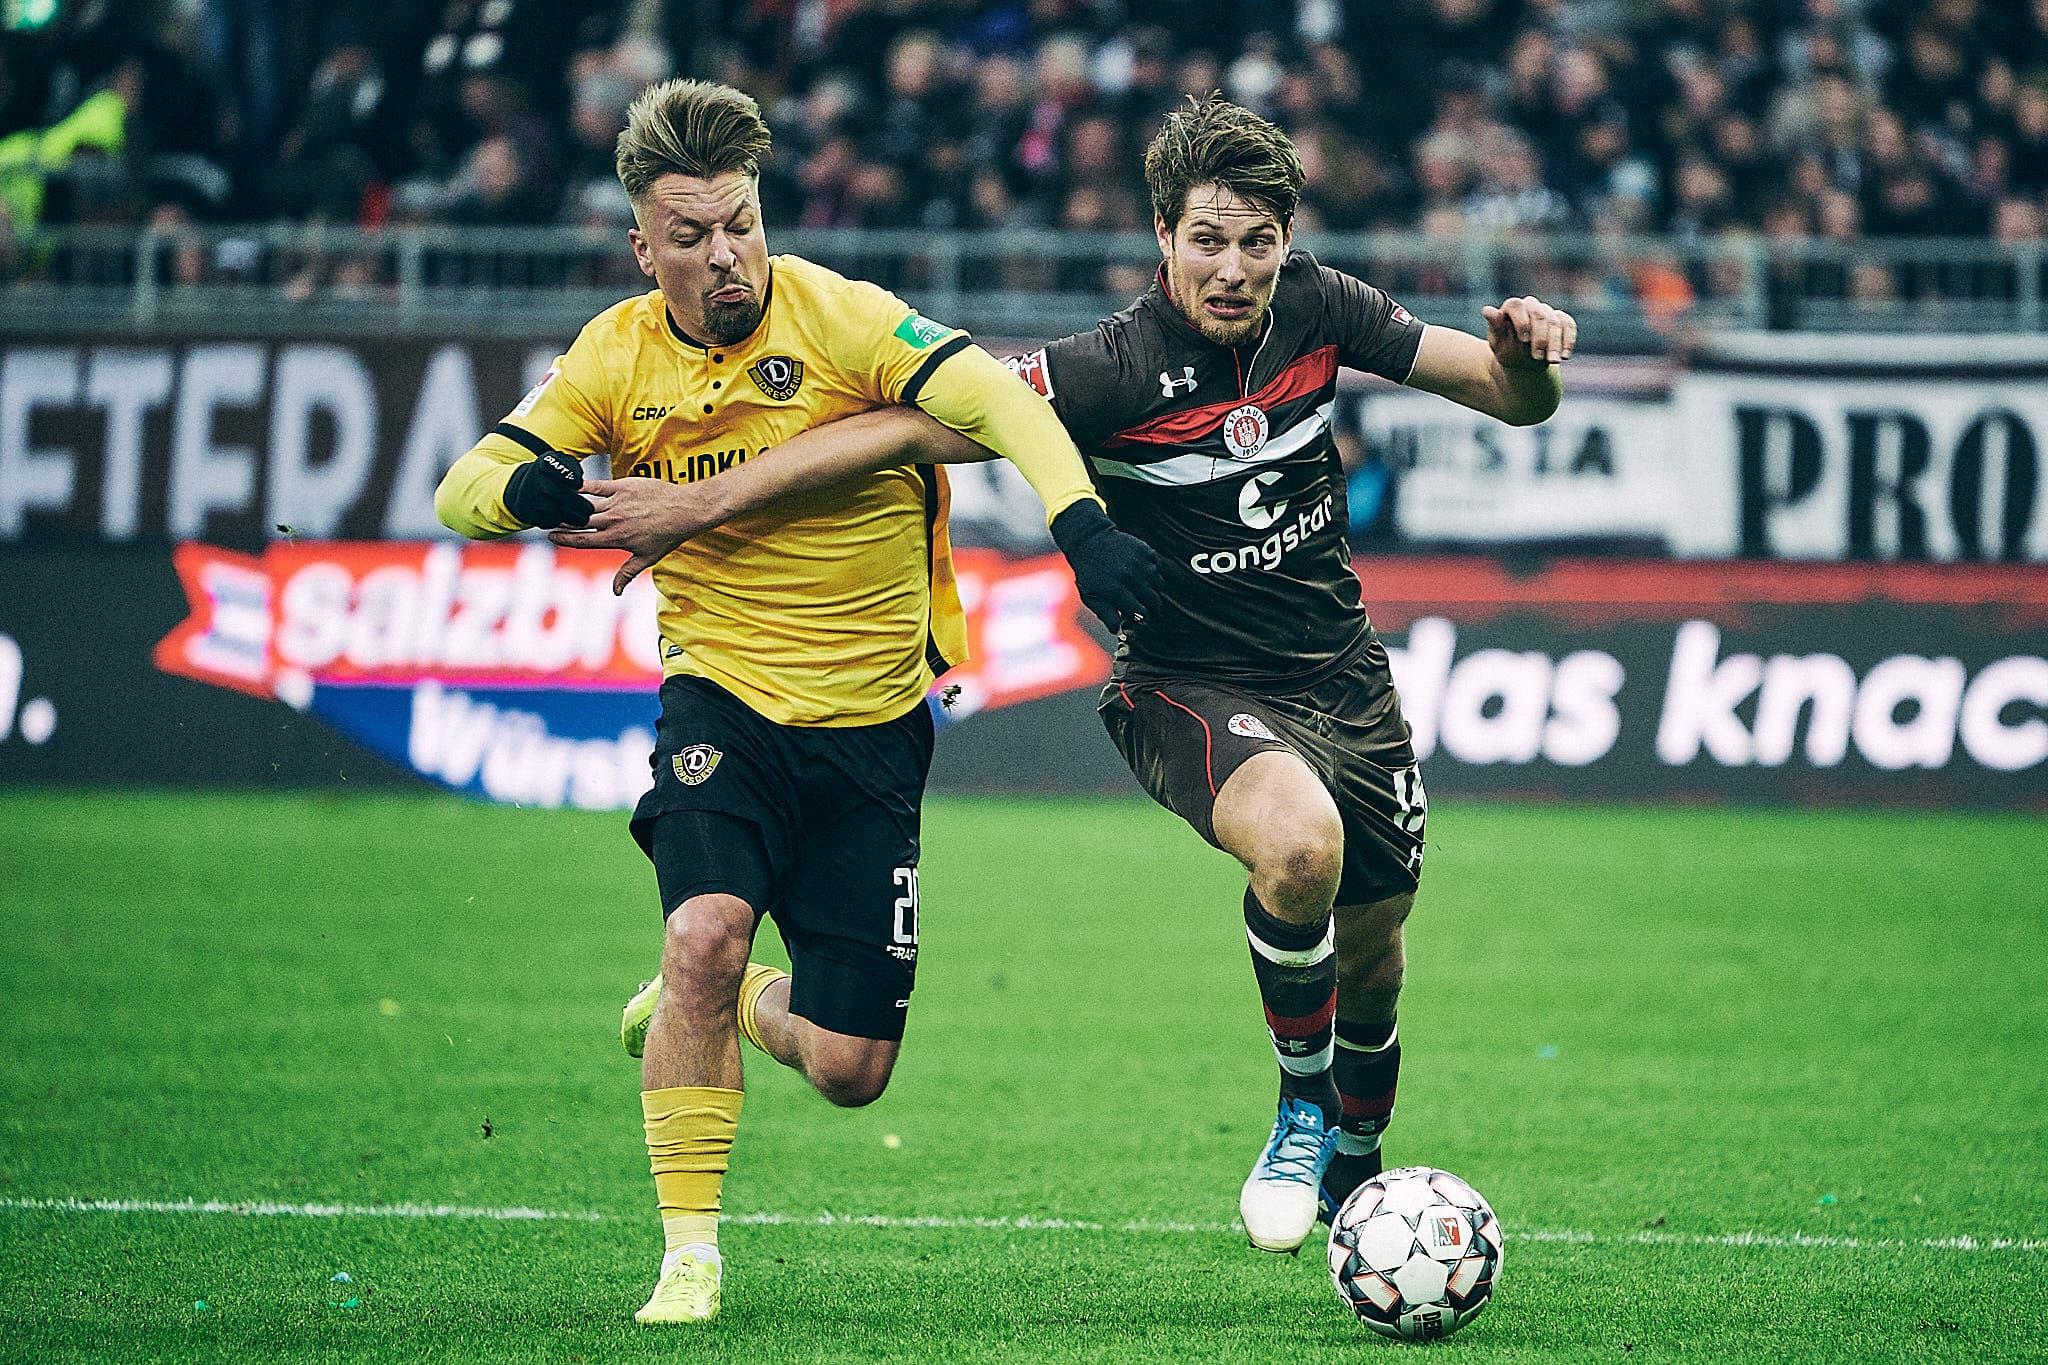 Vor dem Spiel – Dynamo Dresden (H) – Spieltag 22 – Saison 2019/20